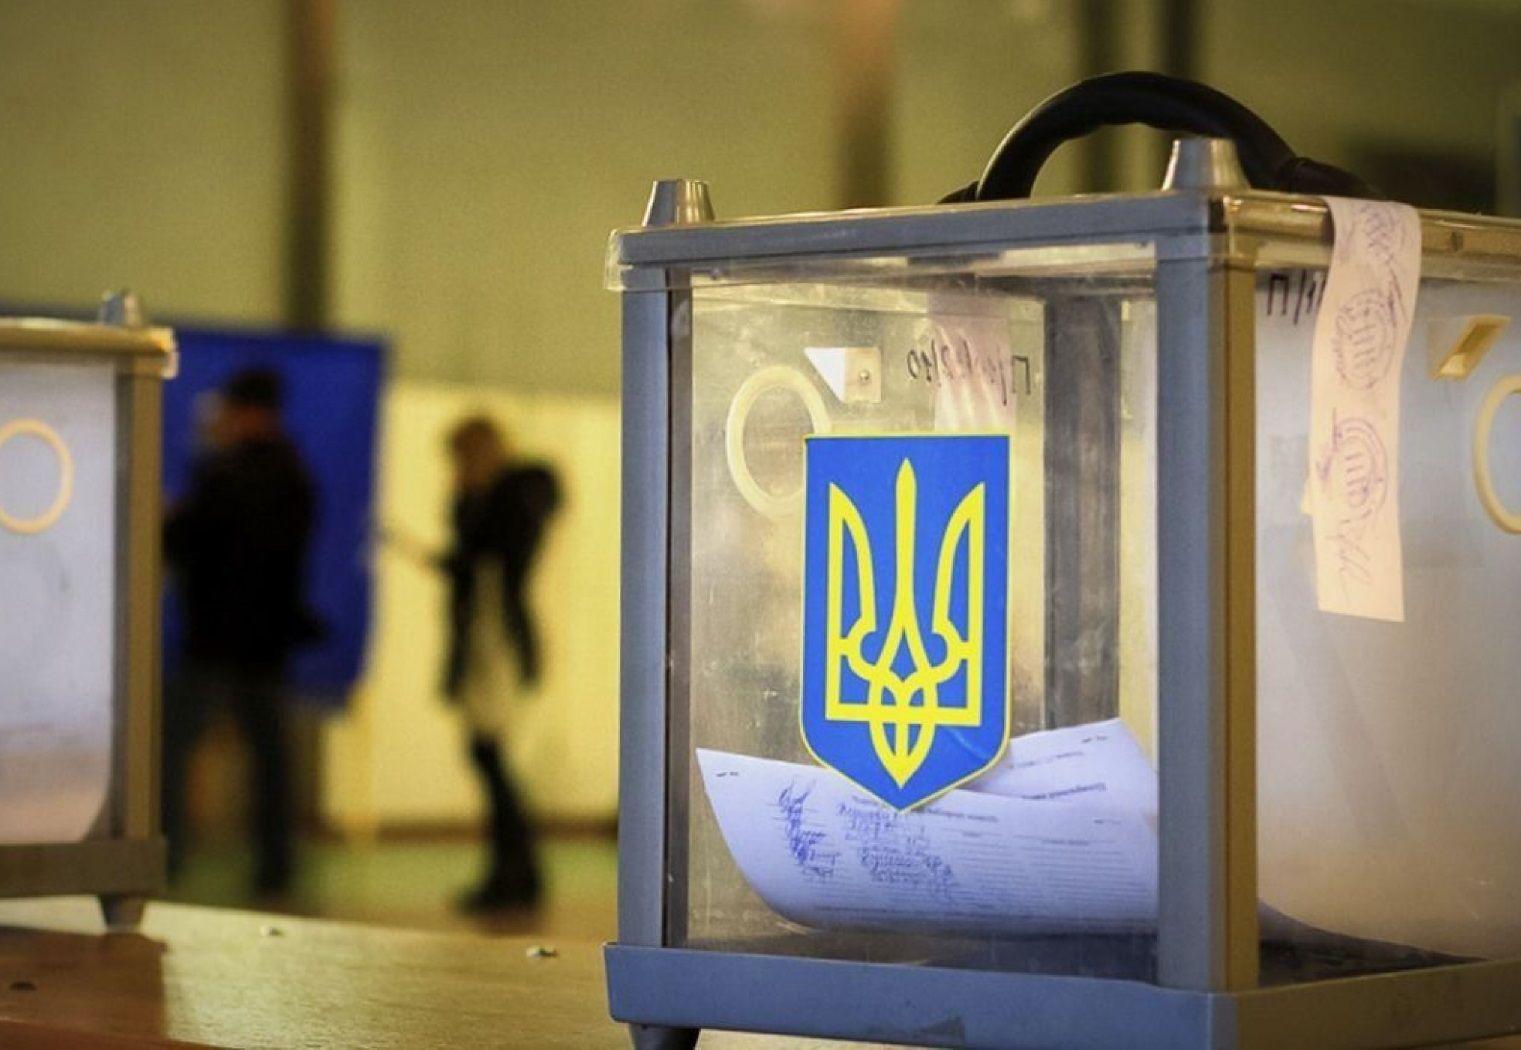 """""""ЕС"""" серьезно нарастила поддержку избирателей - появился свежий рейтинг партий Украины"""